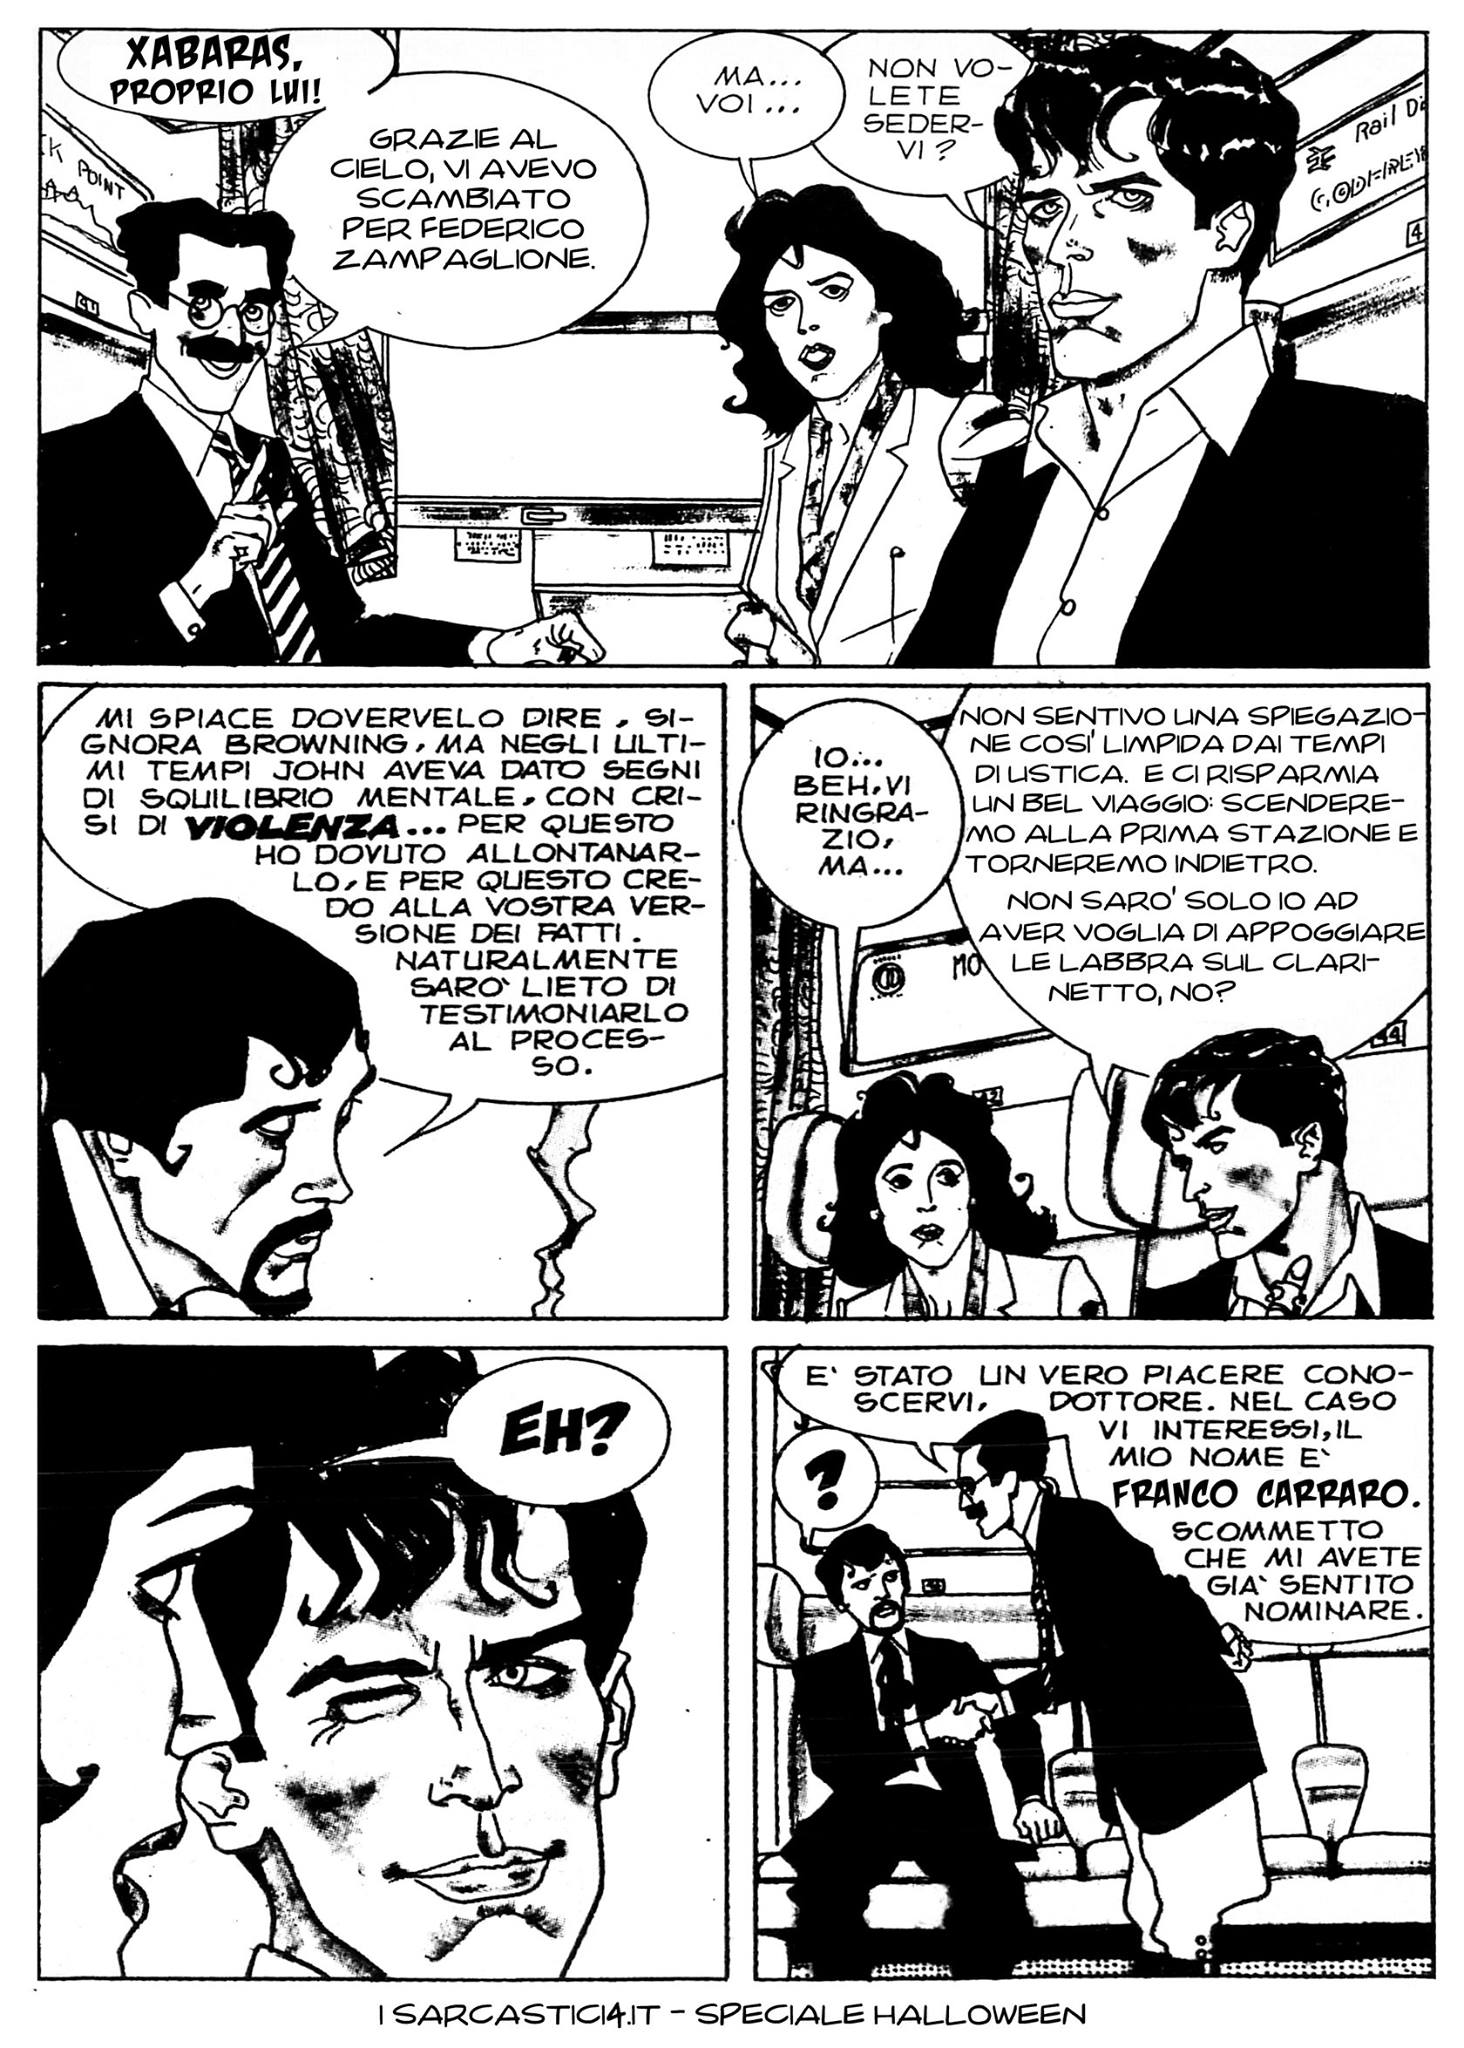 Speciale Halloween - Dylan Dog numero 1 - L'alba dei morti viventi - pagina 28